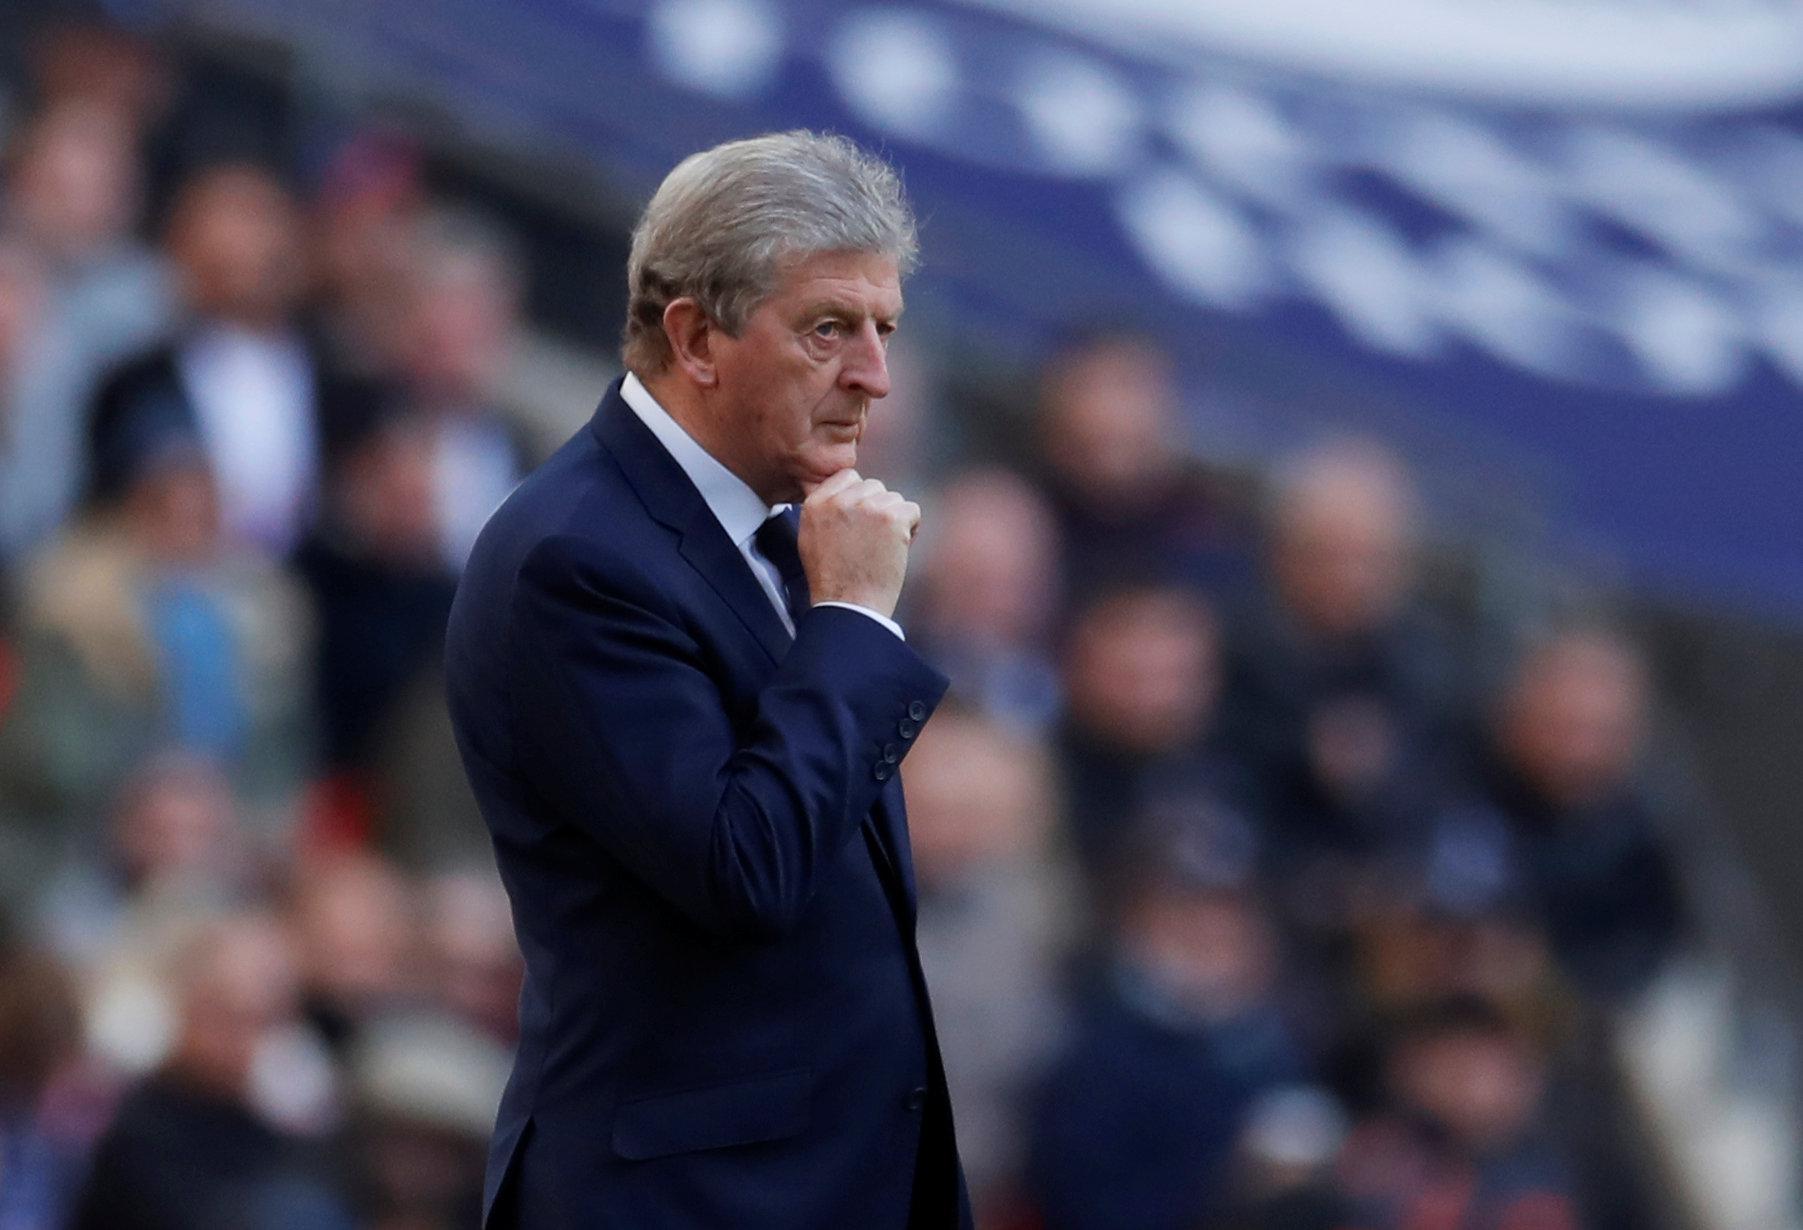 Cheer up, Roy!